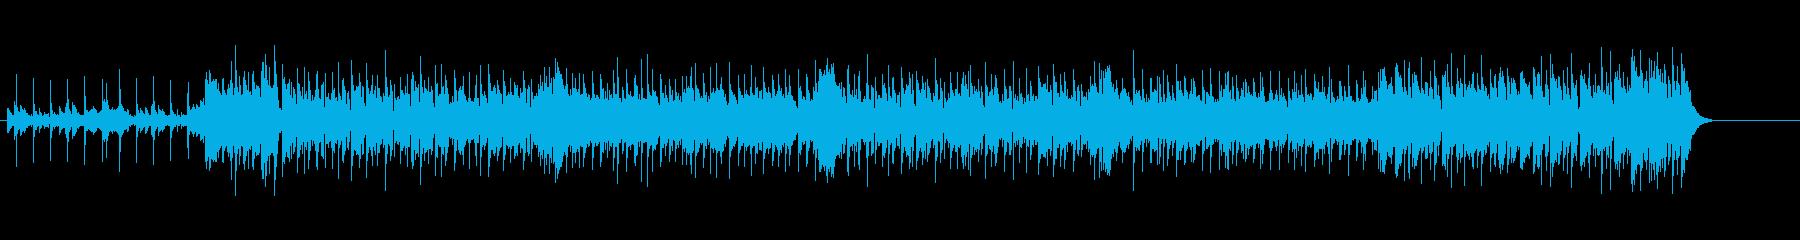 端正でそつのないフュージョン・サウンドの再生済みの波形